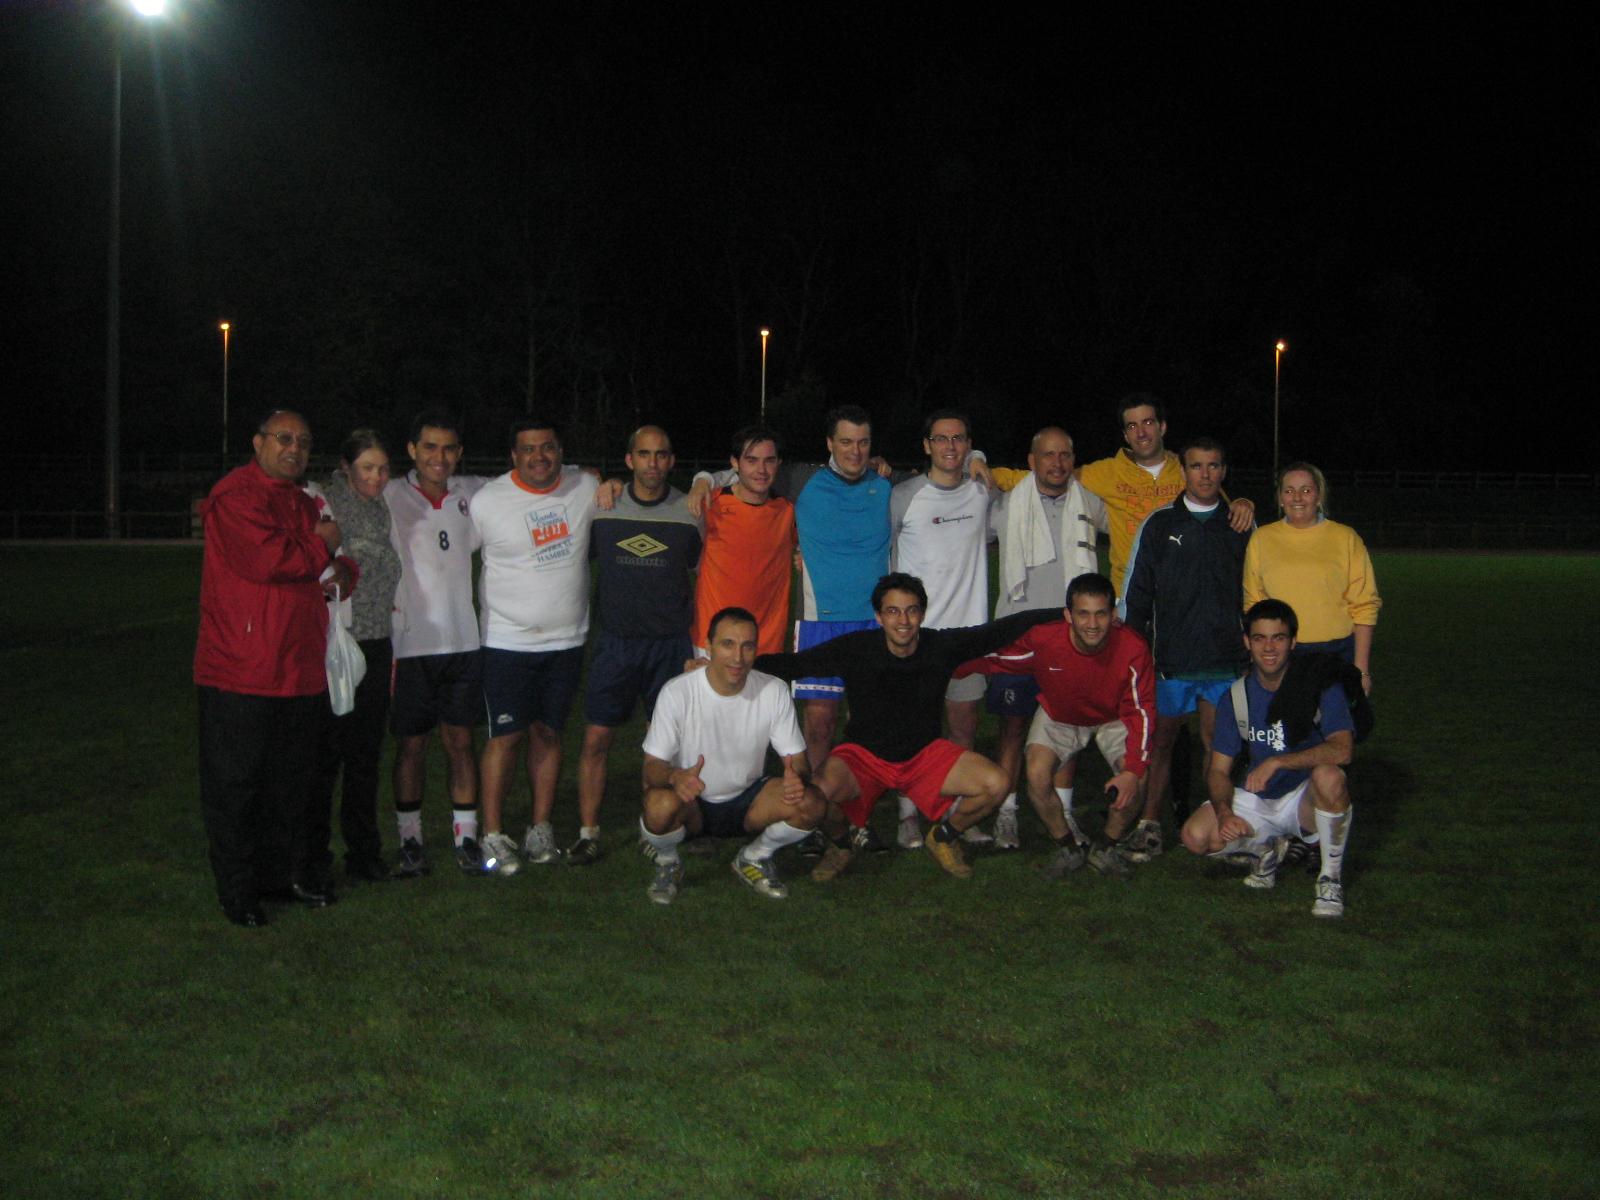 Jogo de futebol em Torrelavega